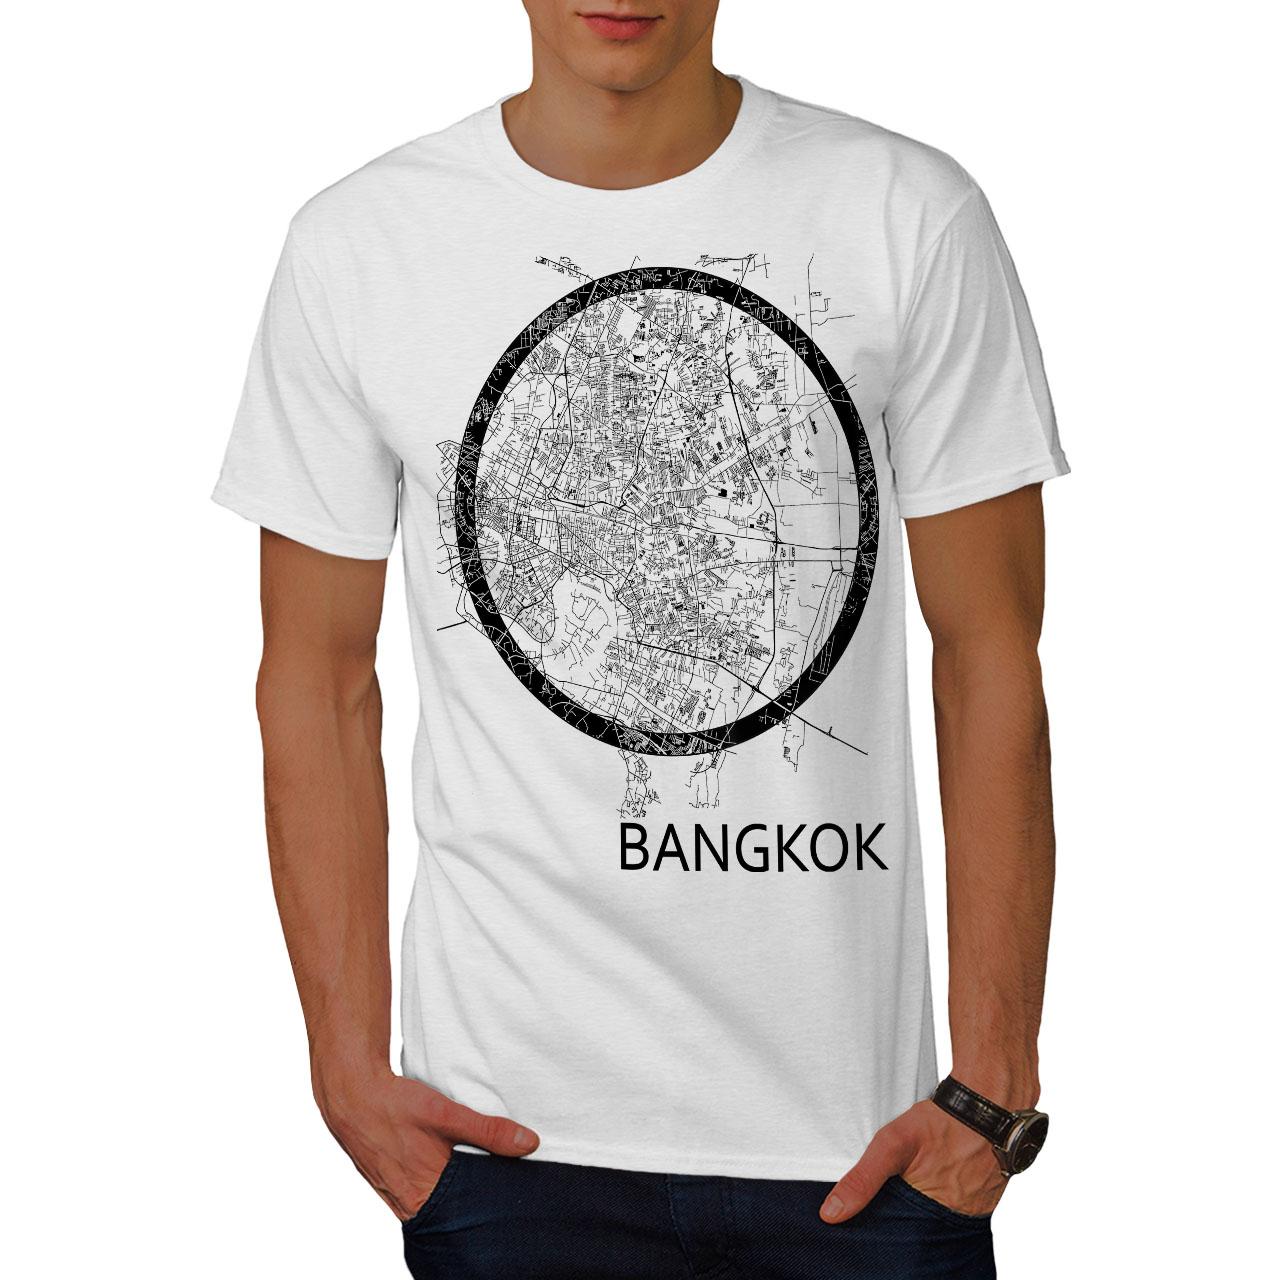 Wellcoda-Thailandia-Bangkok-Mappa-Da-Uomo-T-shirt-grande-motivo-grafico-stampato-T-shirt